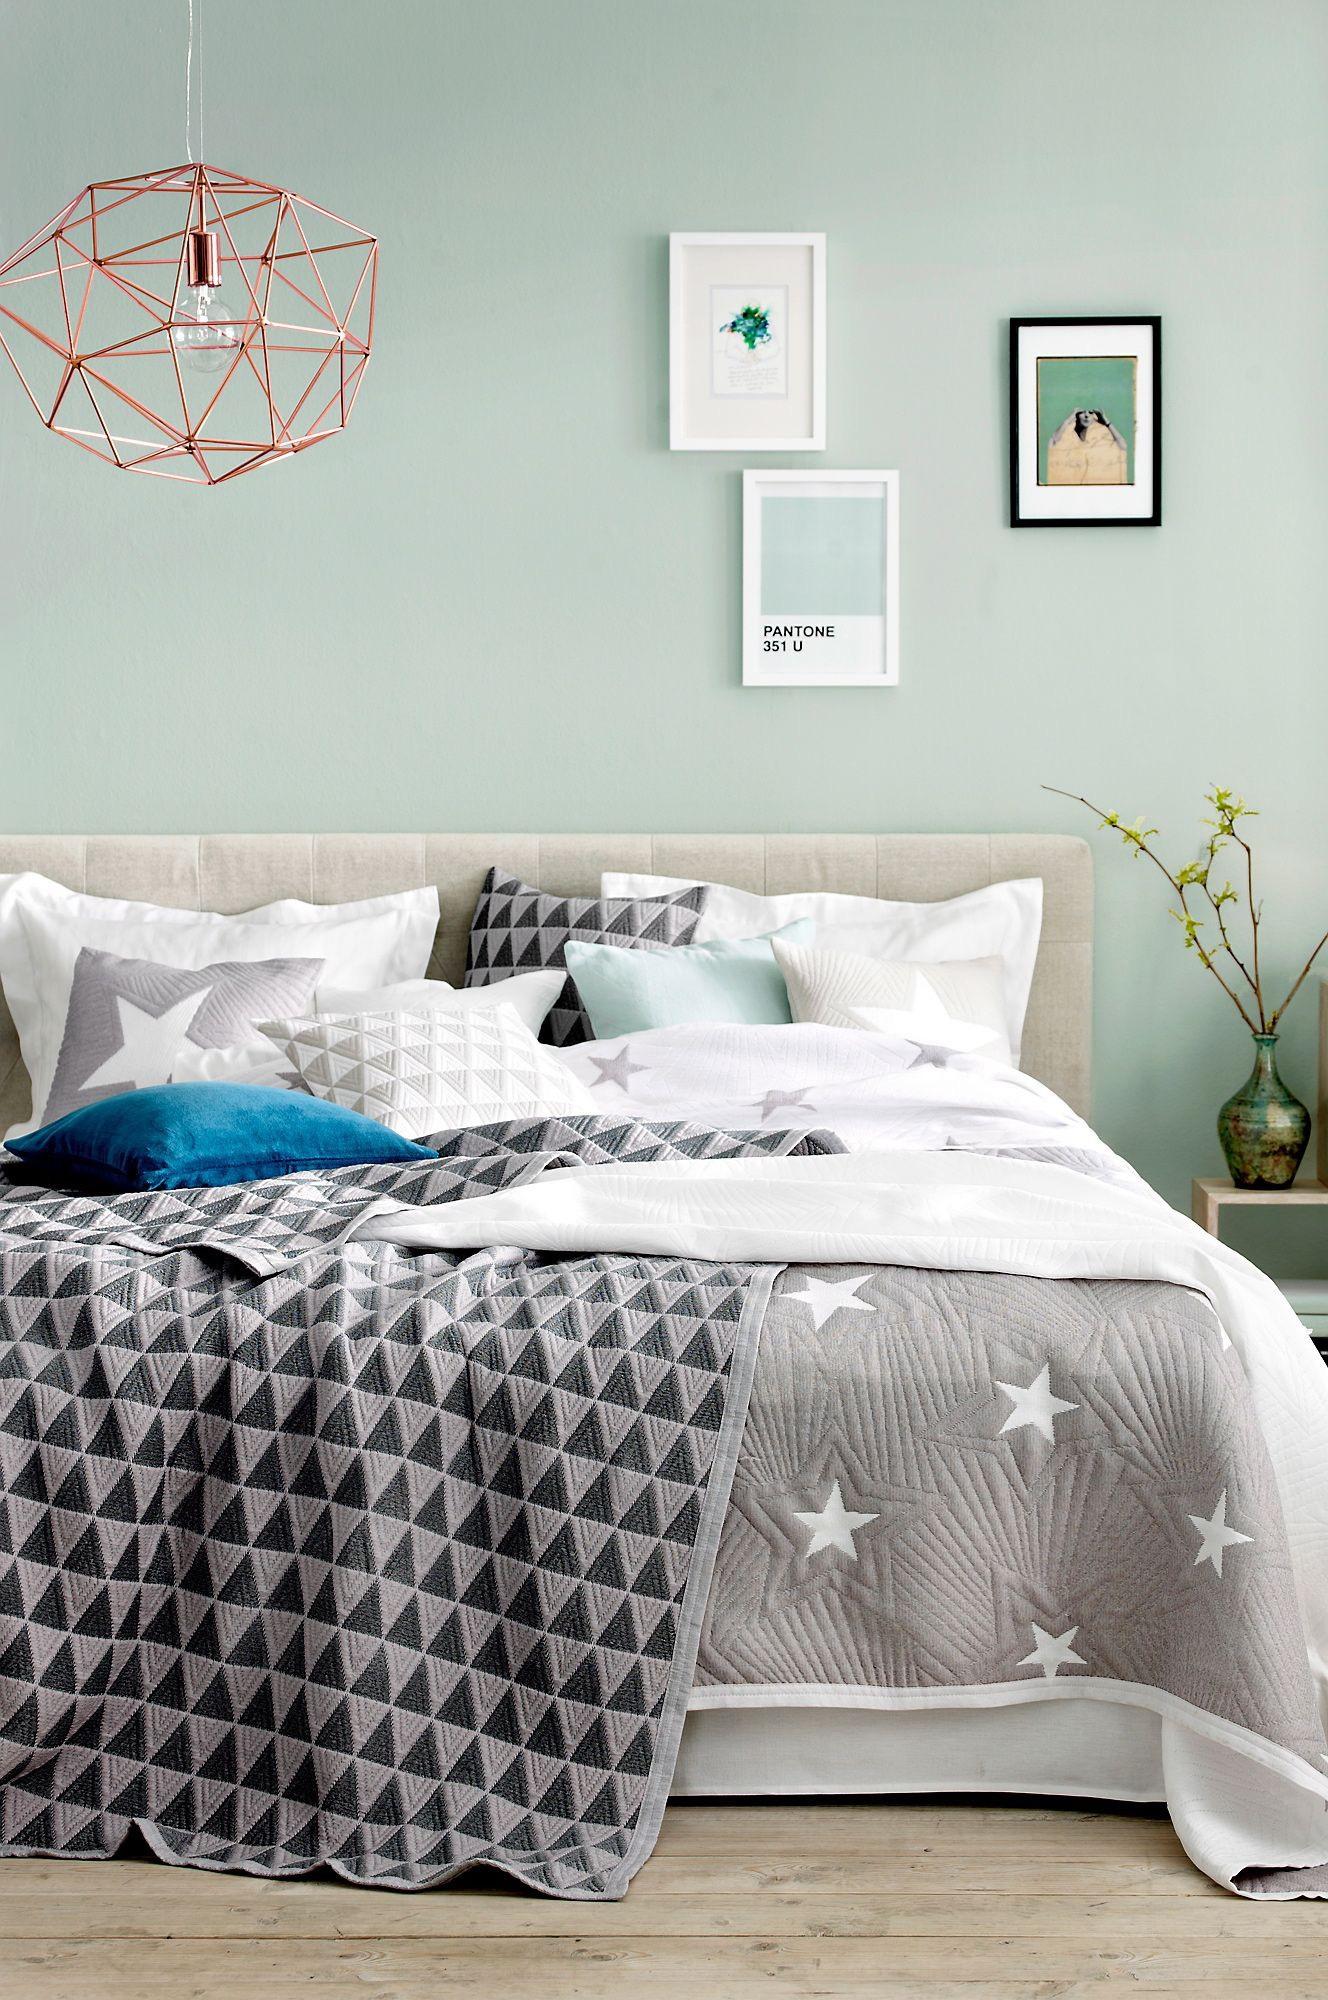 Gợi ý những tông màu đẹp bất chấp năm tháng để trang trí phòng ngủ khiến nơi đây thực sự là chốn an yên để bạn nghỉ ngơi và thư giãn - Ảnh 4